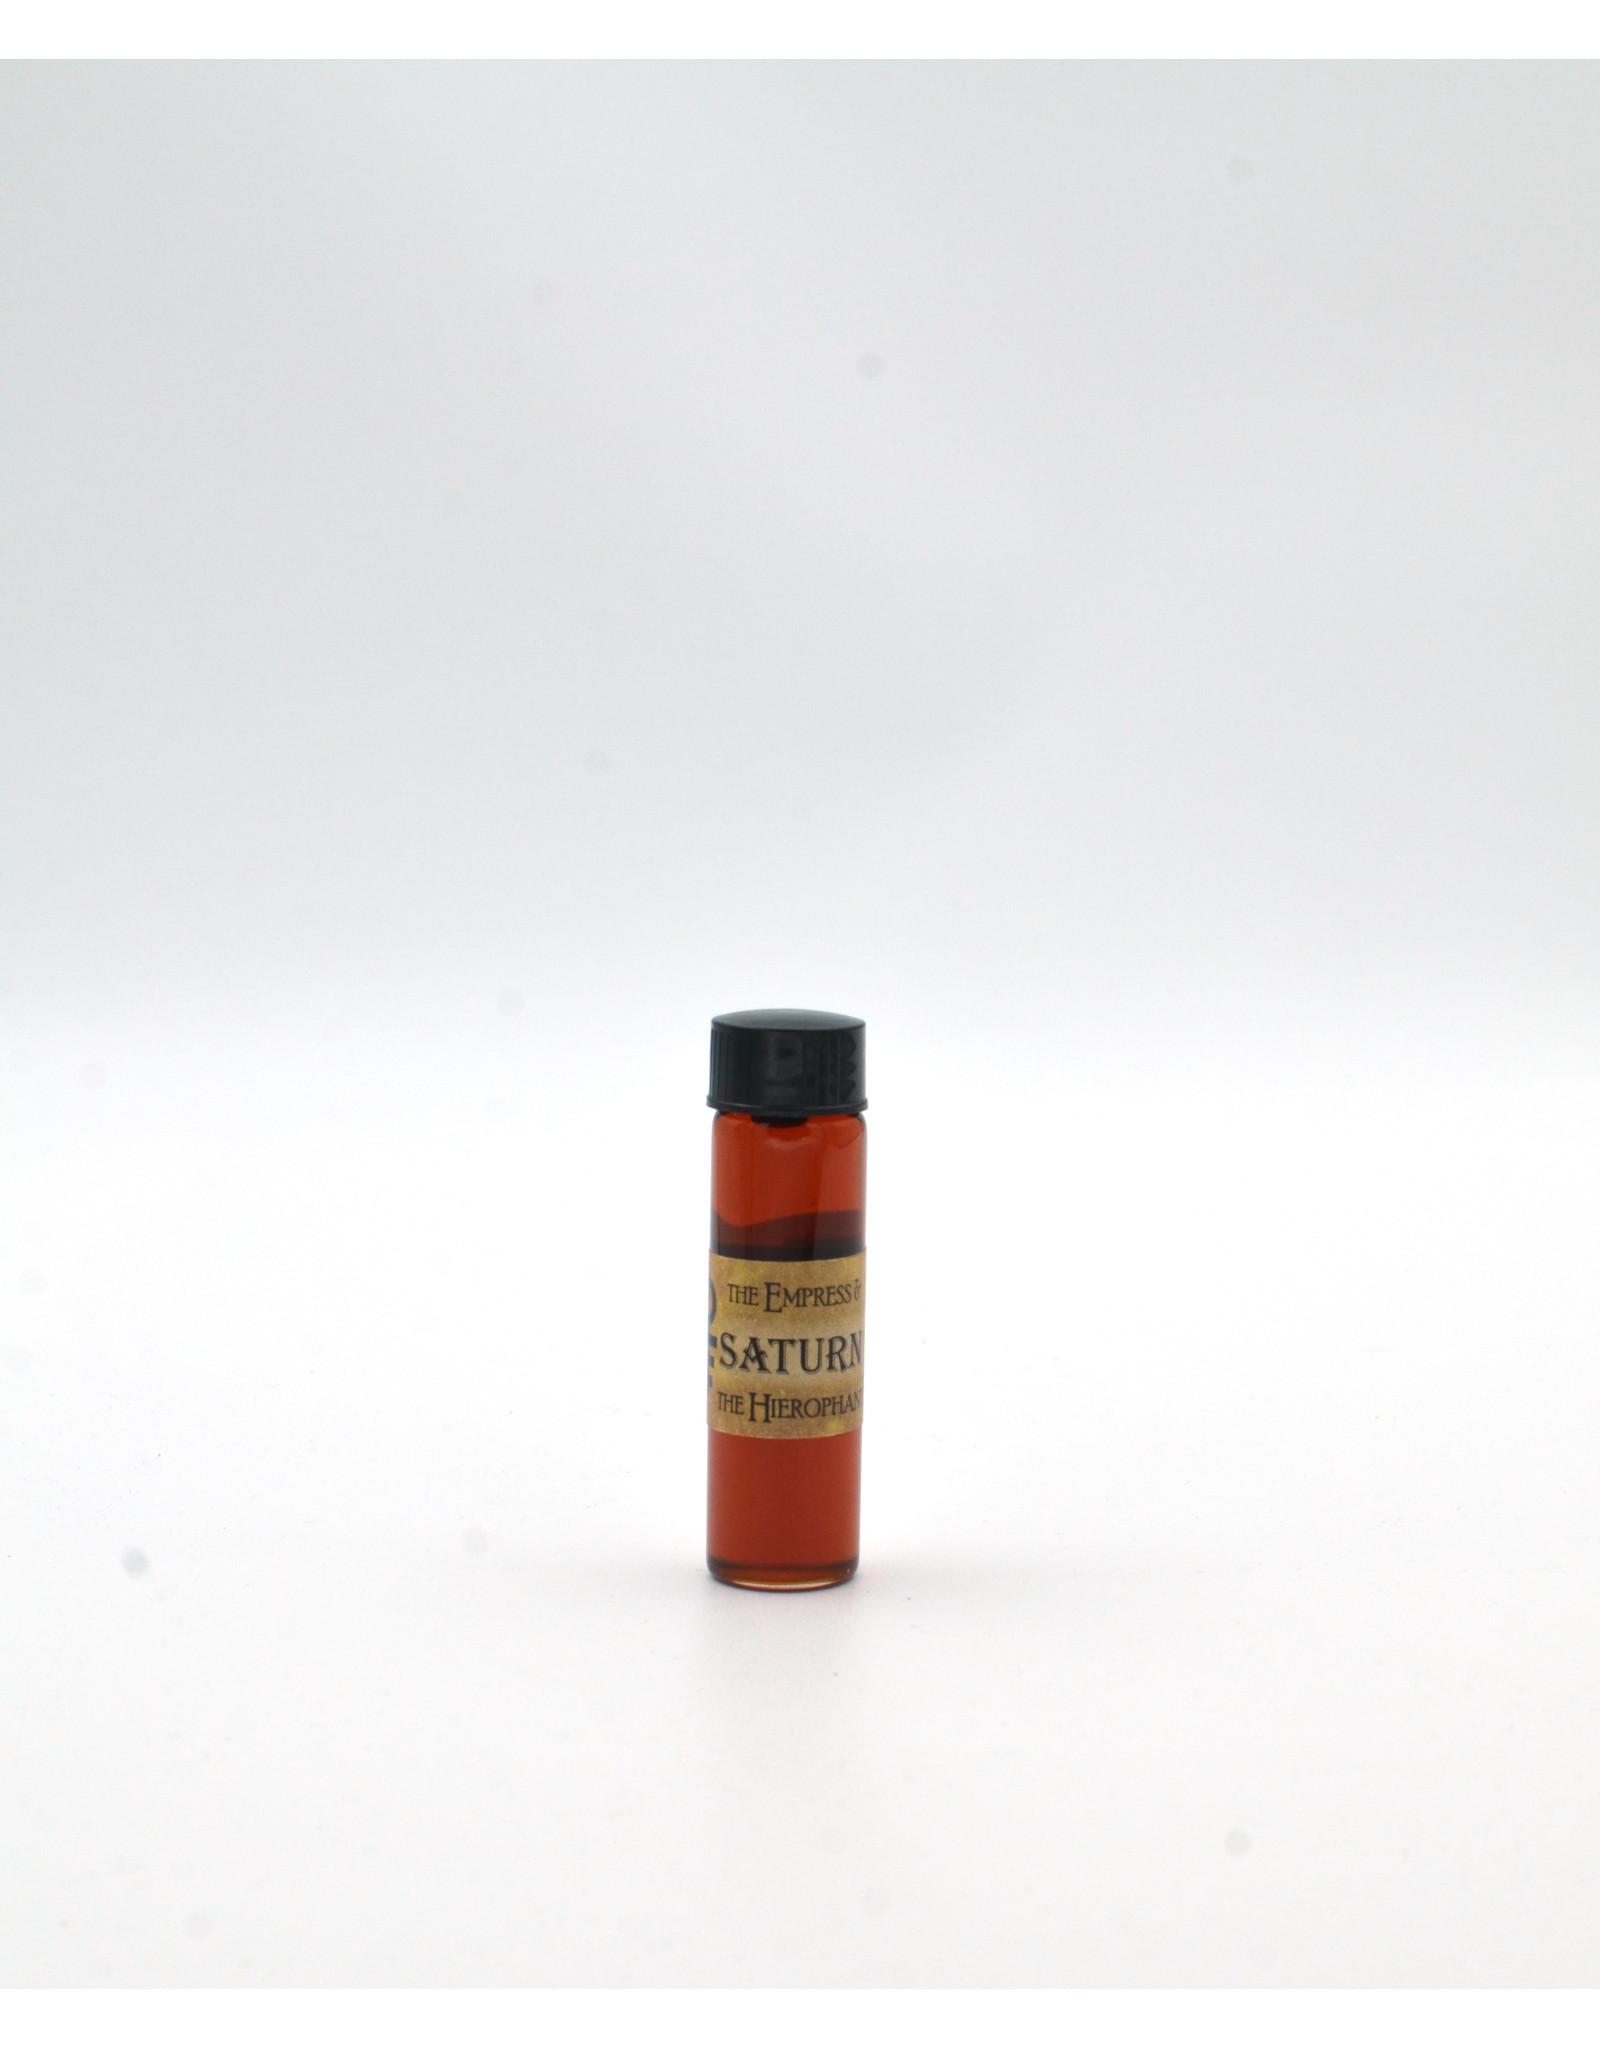 Saturn Planetary Magickal Oil 2 Dram Bottle